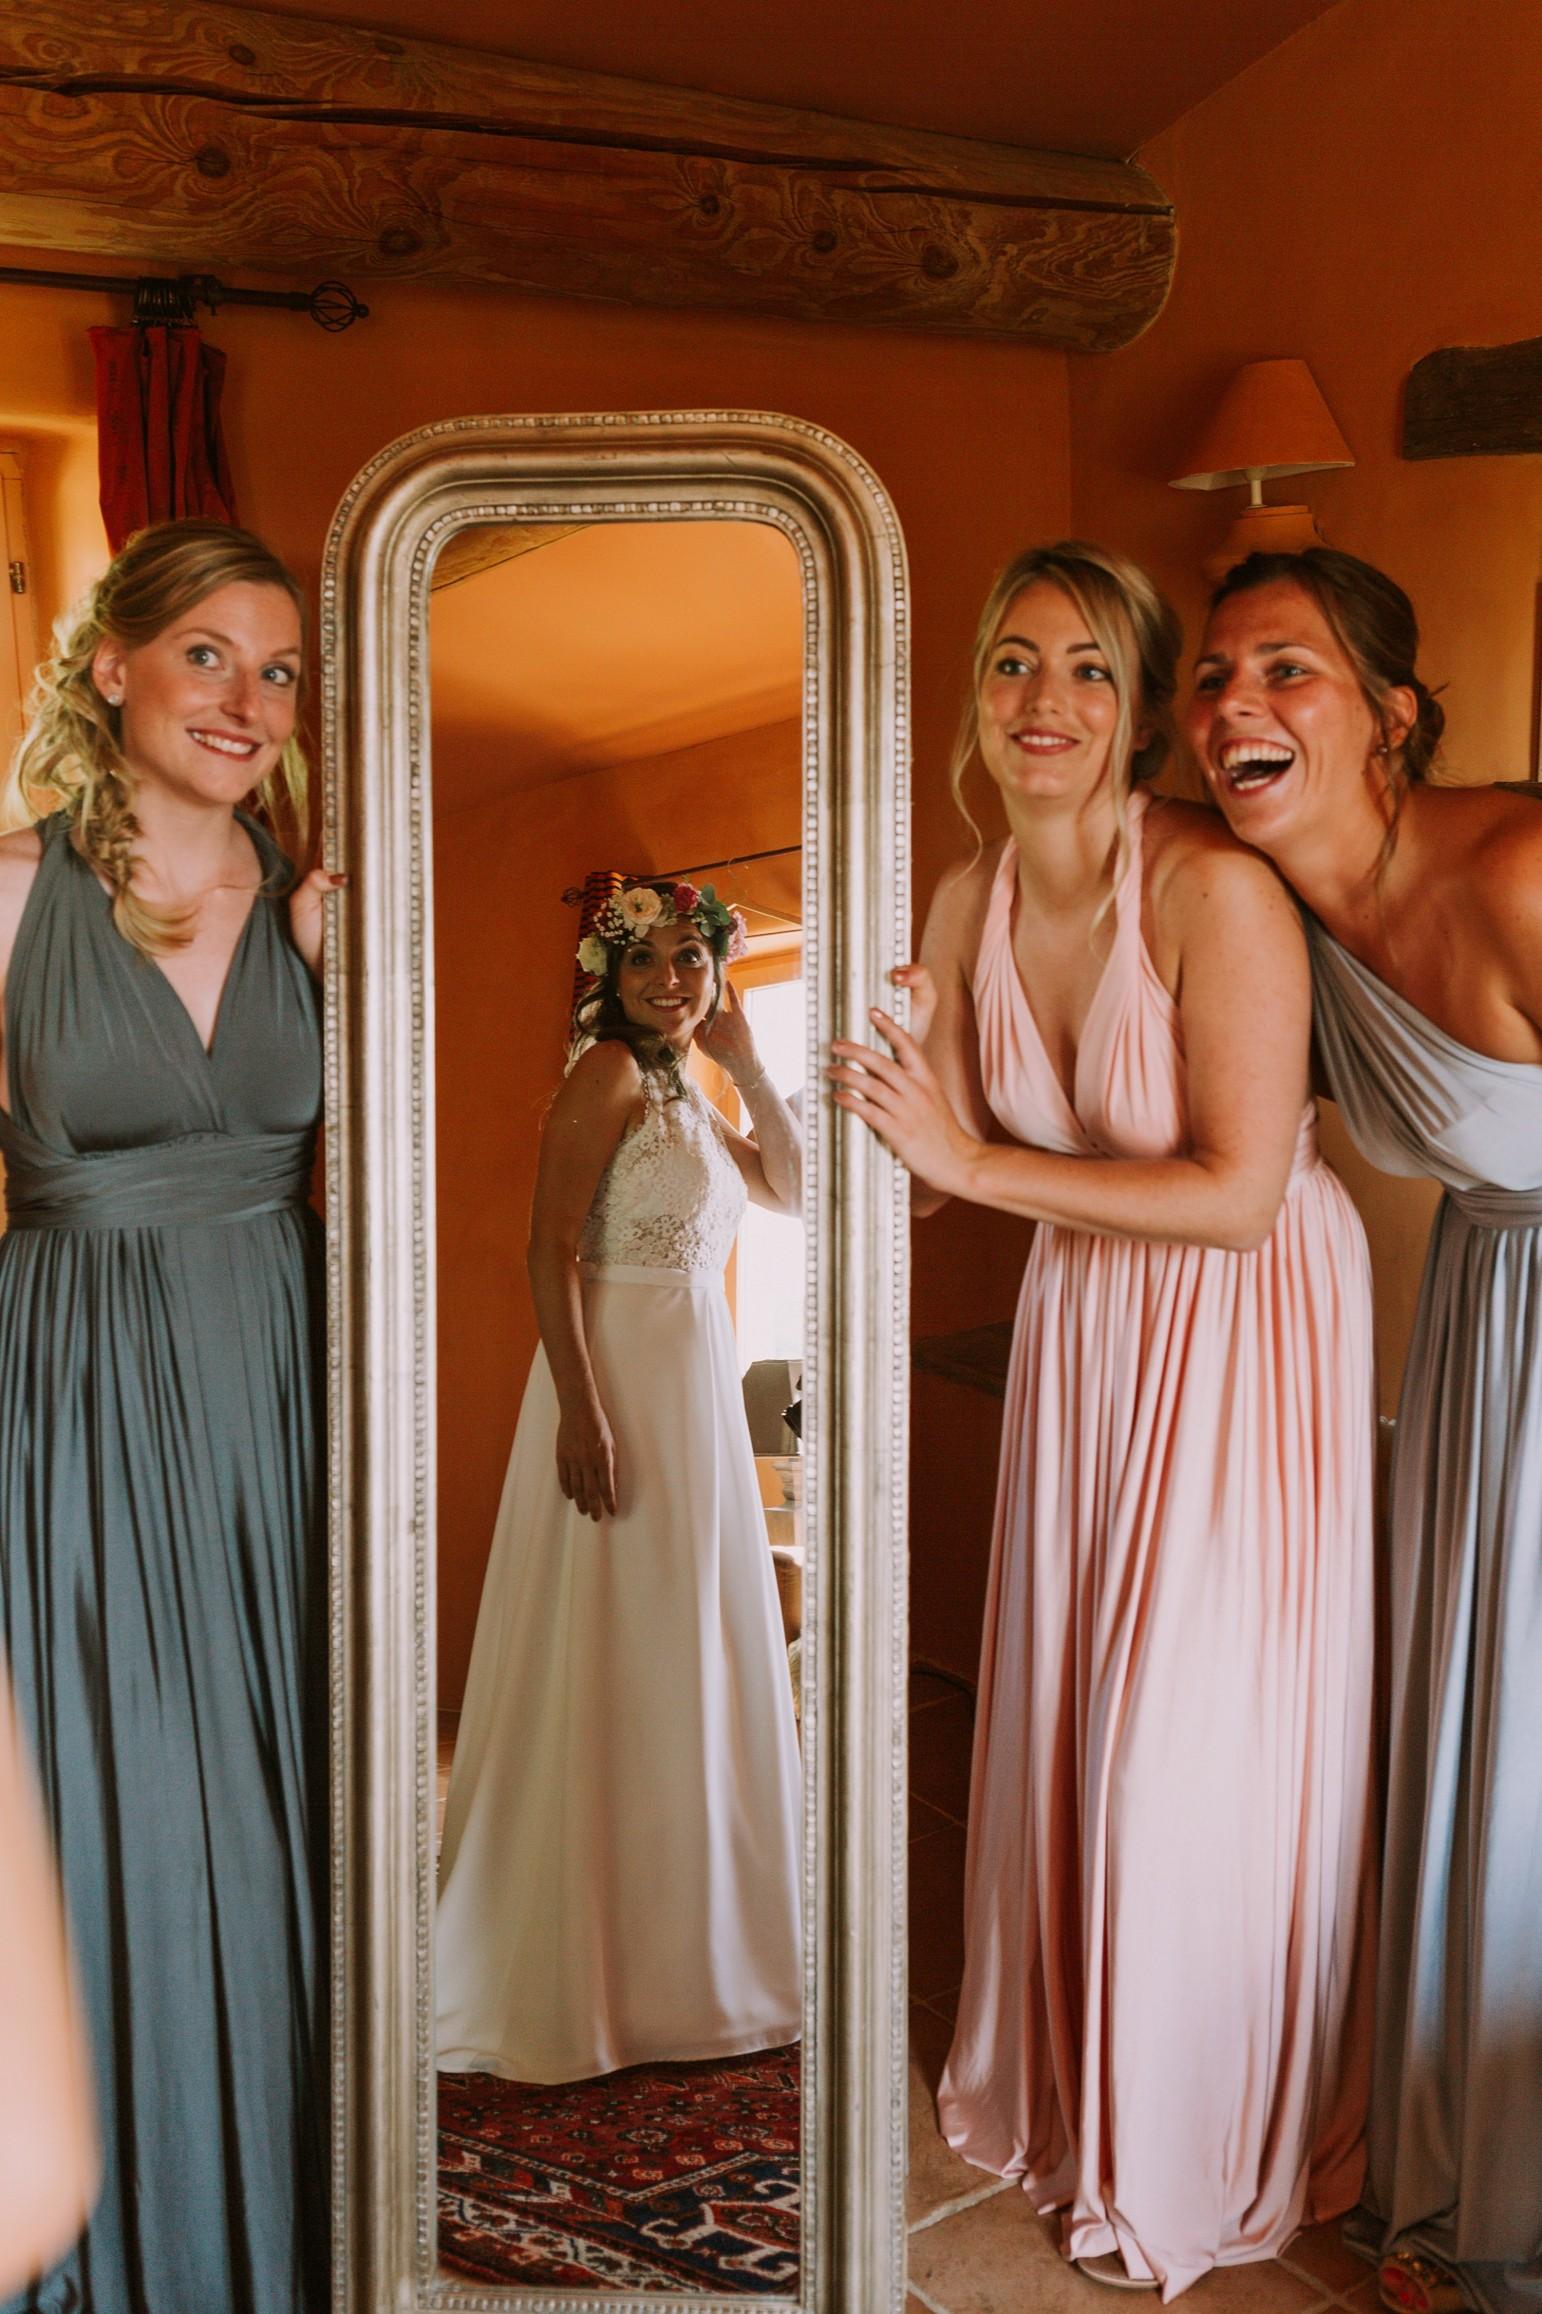 kateryna-photos-mariage-wedding-france-ardeche-domaine-clos-hullias-Saint-Christol-de-Rodière-gard-cevennes_0134.jpg